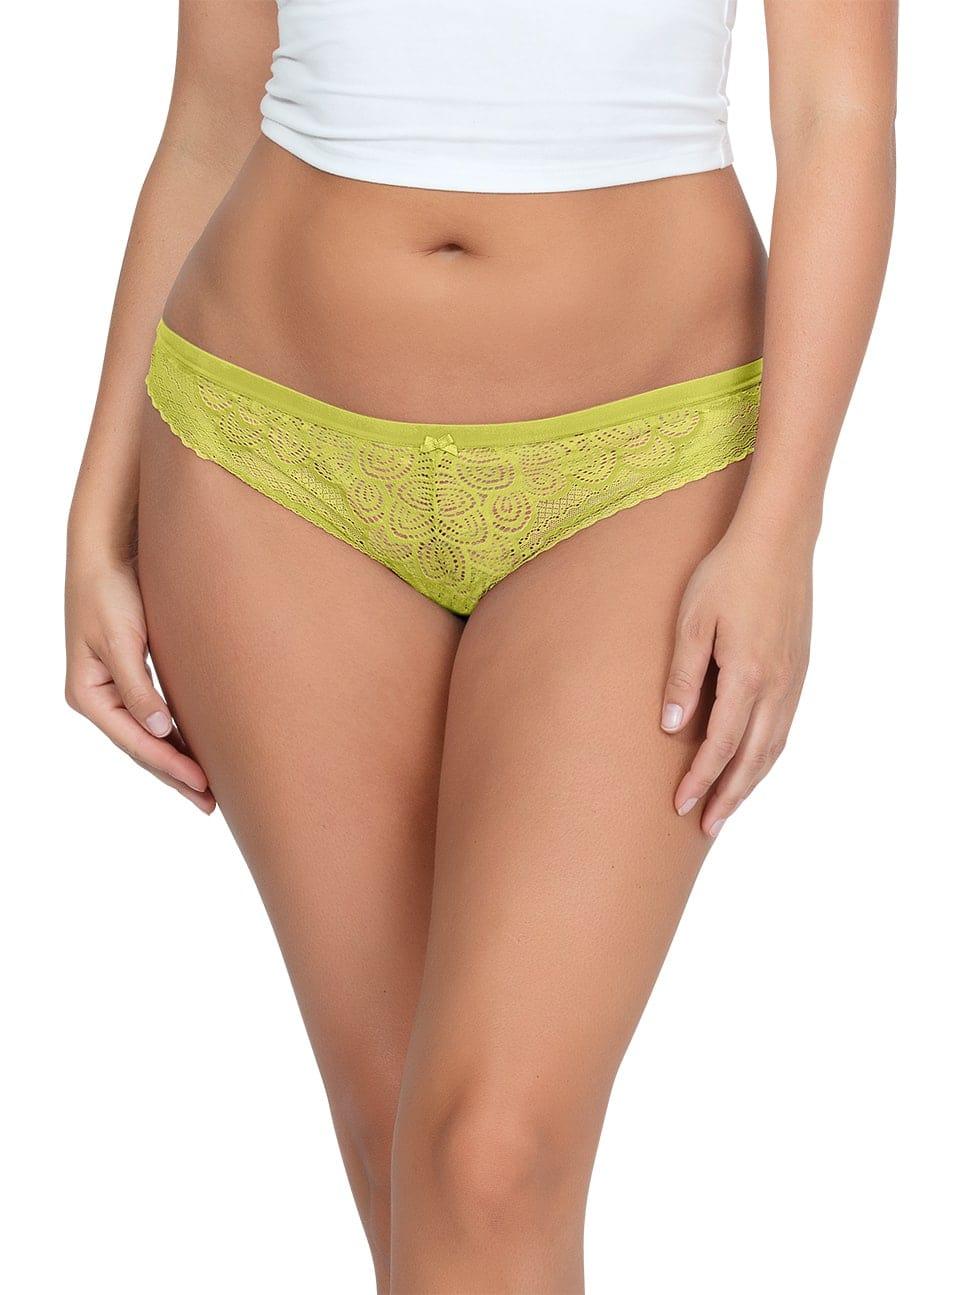 ParfaitPanty SoGlam ThongPP402 Lemonade front - Panty So Glam Thong - Lemonade - PP402